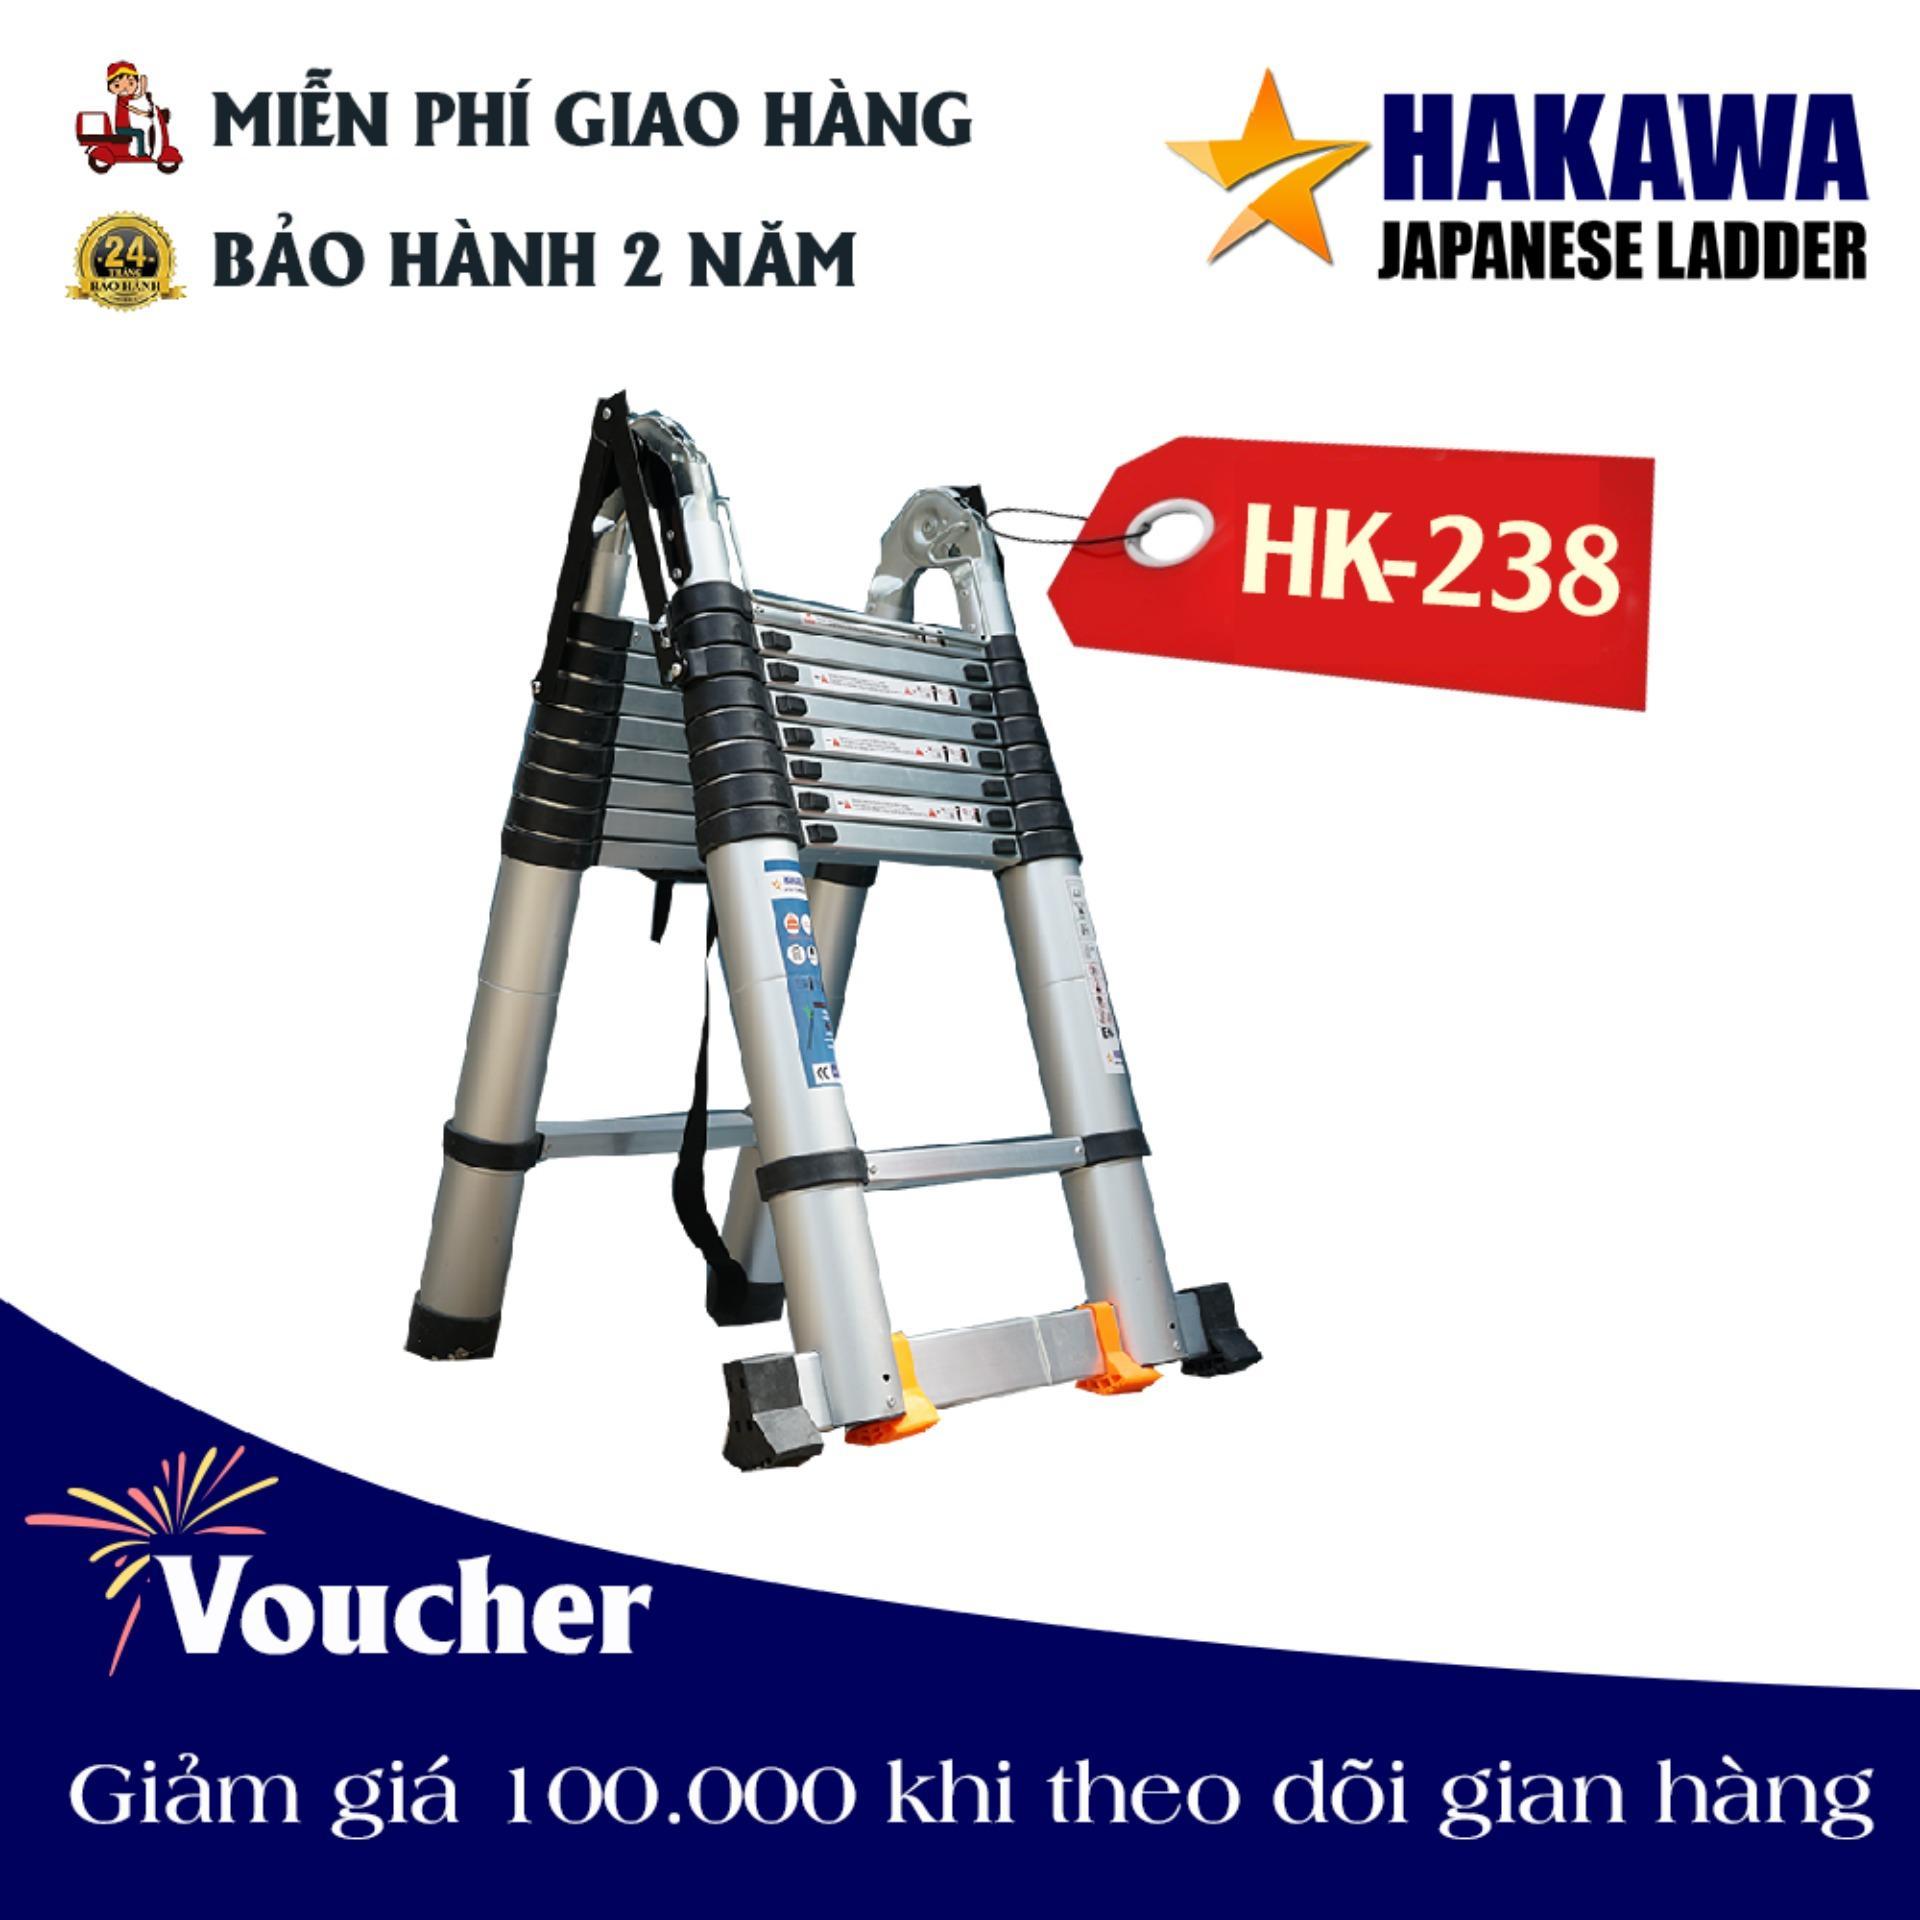 [CHĨNH HÃNG] Thang nhom rut chu a HAKAWA HK238 - BẢO HÀNH 2 NĂM, BAO ĐỔI 30 NGÀY NẾU LỖI KỸ THUẬT